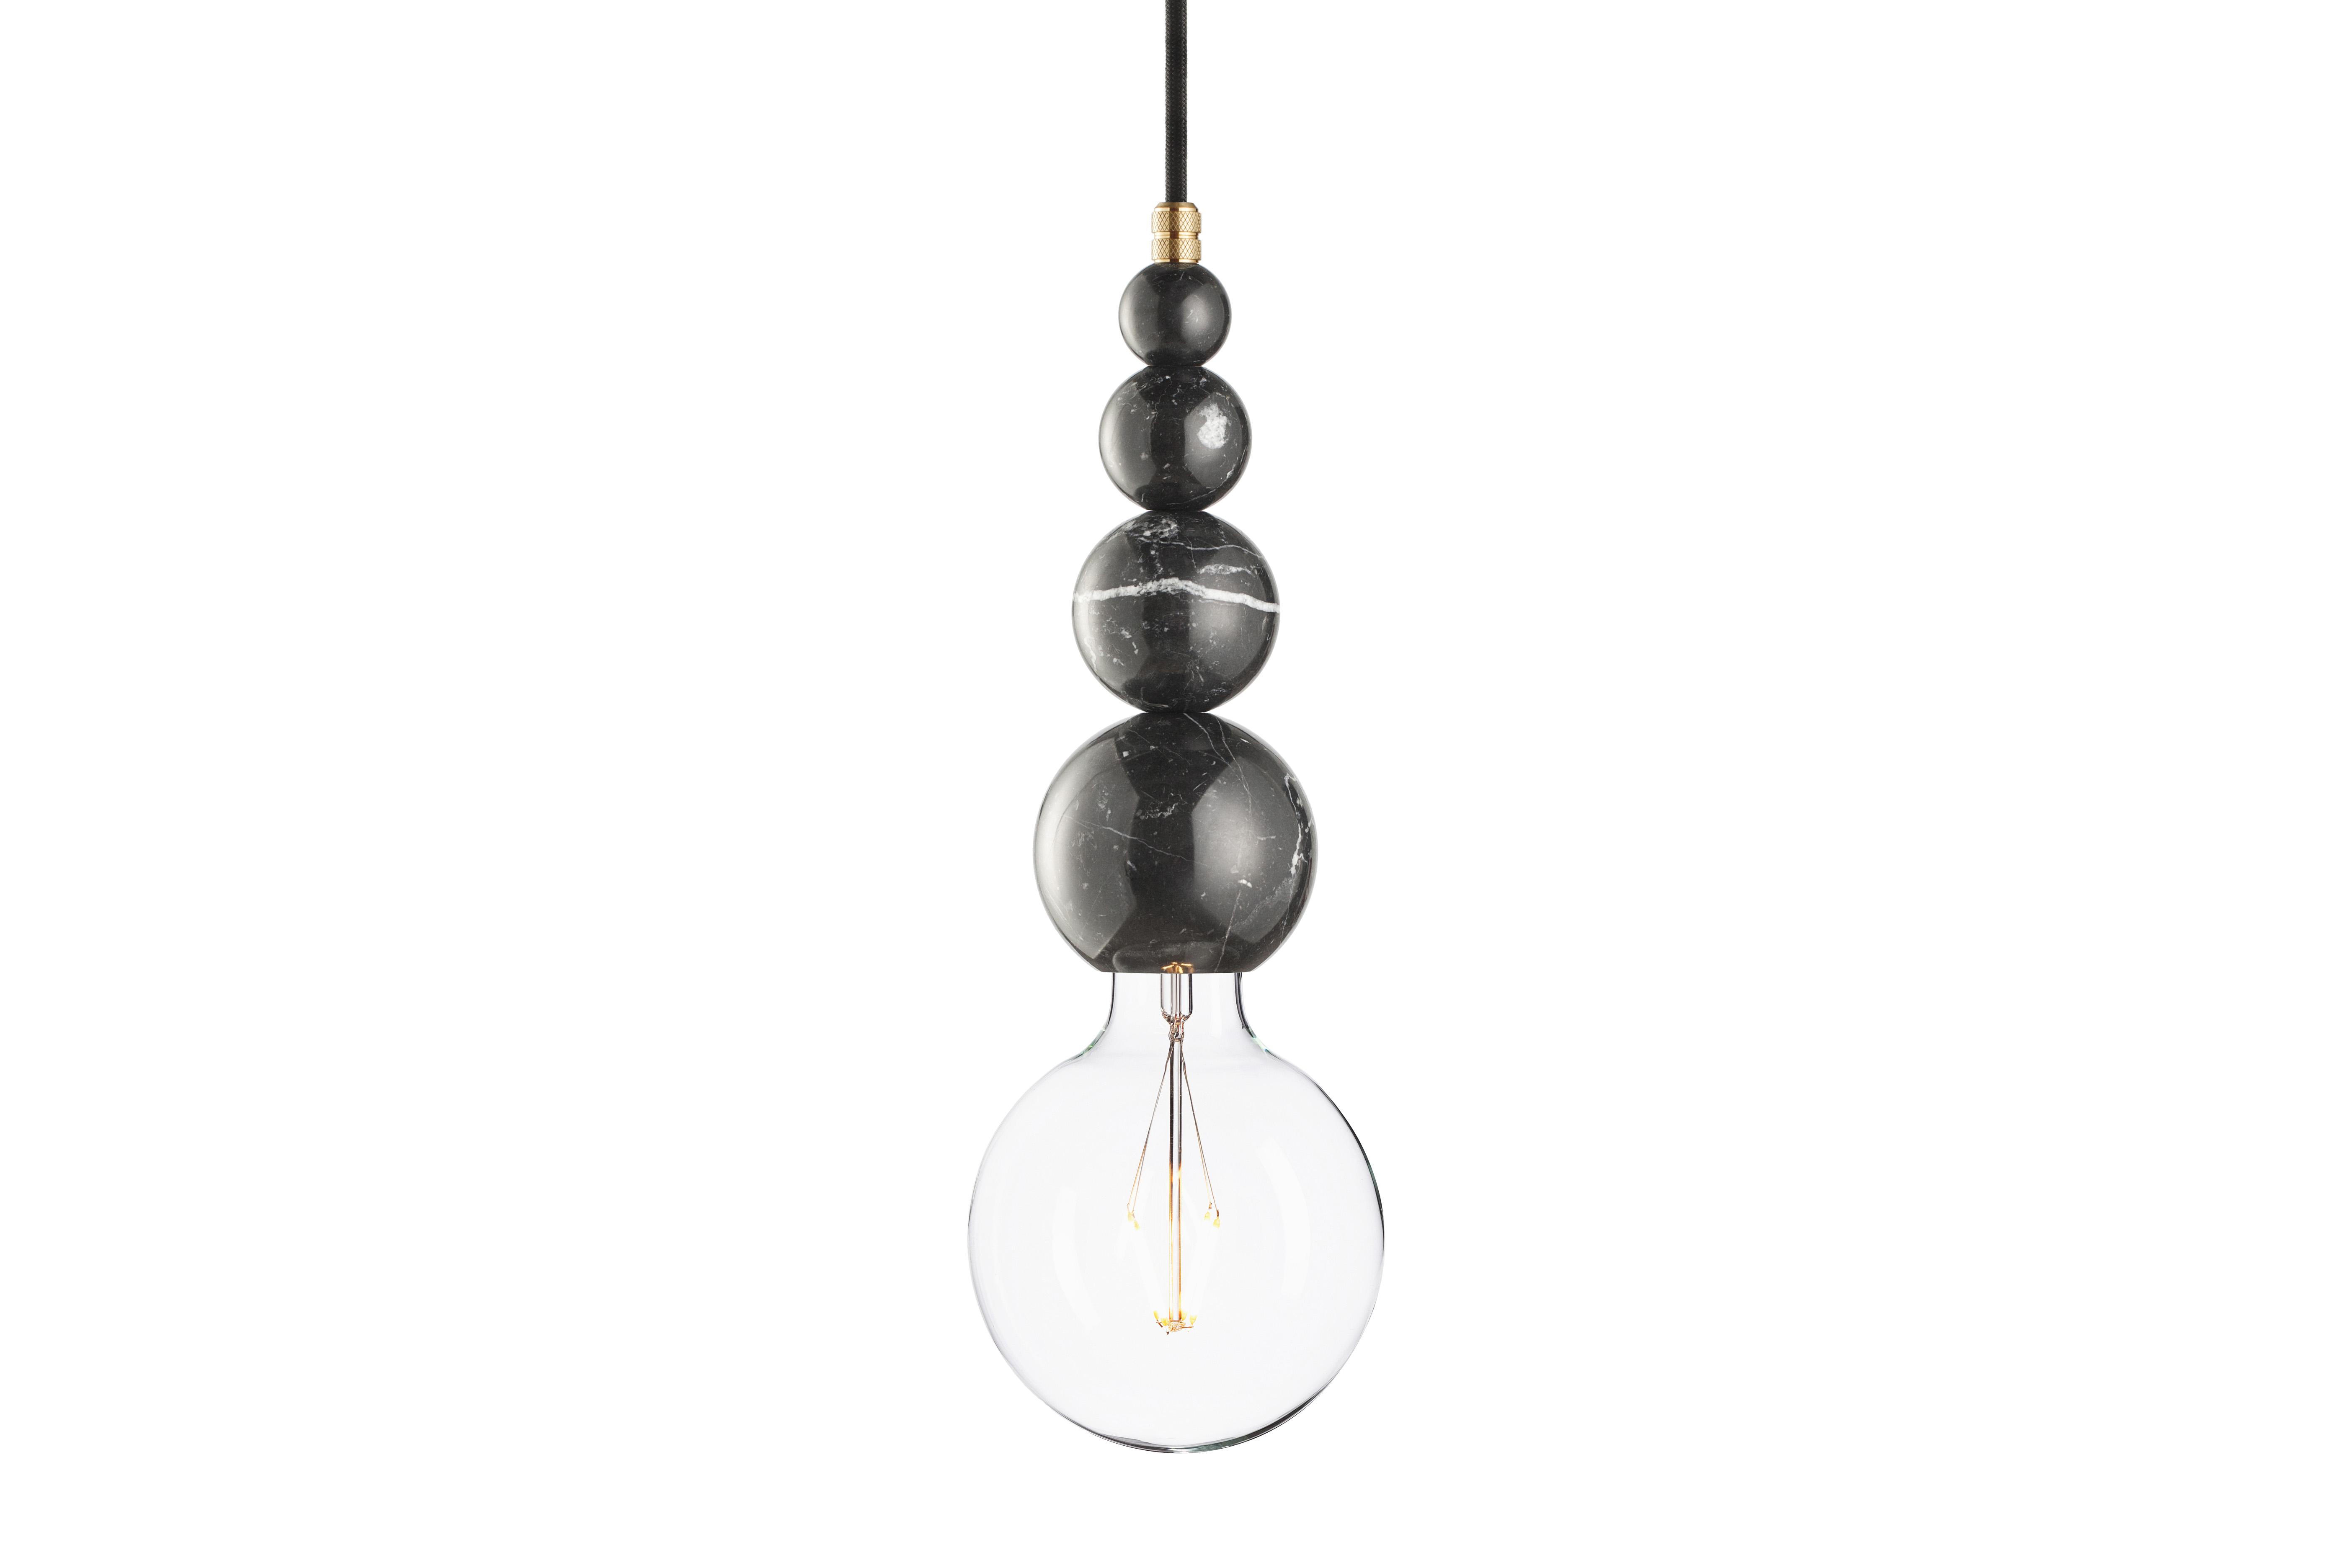 Подвесной светильник Marmor SlippПодвесные светильники<br>Подвесной светильник &amp;quot;Marmor Slipp&amp;quot; выглядит роскошно, несмотря на свою простую форму и строгость оформления. Удивительную элегантность ему дарит завораживающий узор настоящего черного мрамора. Глянцевые переливы смотрятся шикарно на пропорционально увеличивающихся сферах, служащих основанием оригинального эклектичного светильника.&amp;lt;div&amp;gt;&amp;lt;br&amp;gt;&amp;lt;/div&amp;gt;&amp;lt;div&amp;gt;Лампочка приобретается отдельно. Цоколь Е27, максимальная мощность лампочки - 60 W, длина шнура - 3 м.&amp;amp;nbsp;&amp;amp;nbsp;&amp;lt;/div&amp;gt;&amp;lt;div&amp;gt;Материал: корпус - мрамор &amp;amp;nbsp;Nero Marquinia, фурнитура - латунь, сталь, патрон - пластик, кабель в оплетке. Под заказ. Срок изготовления 3 недели.&amp;amp;nbsp;&amp;lt;/div&amp;gt;<br><br>Material: Мрамор<br>Height см: 23,4<br>Diameter см: 8,6